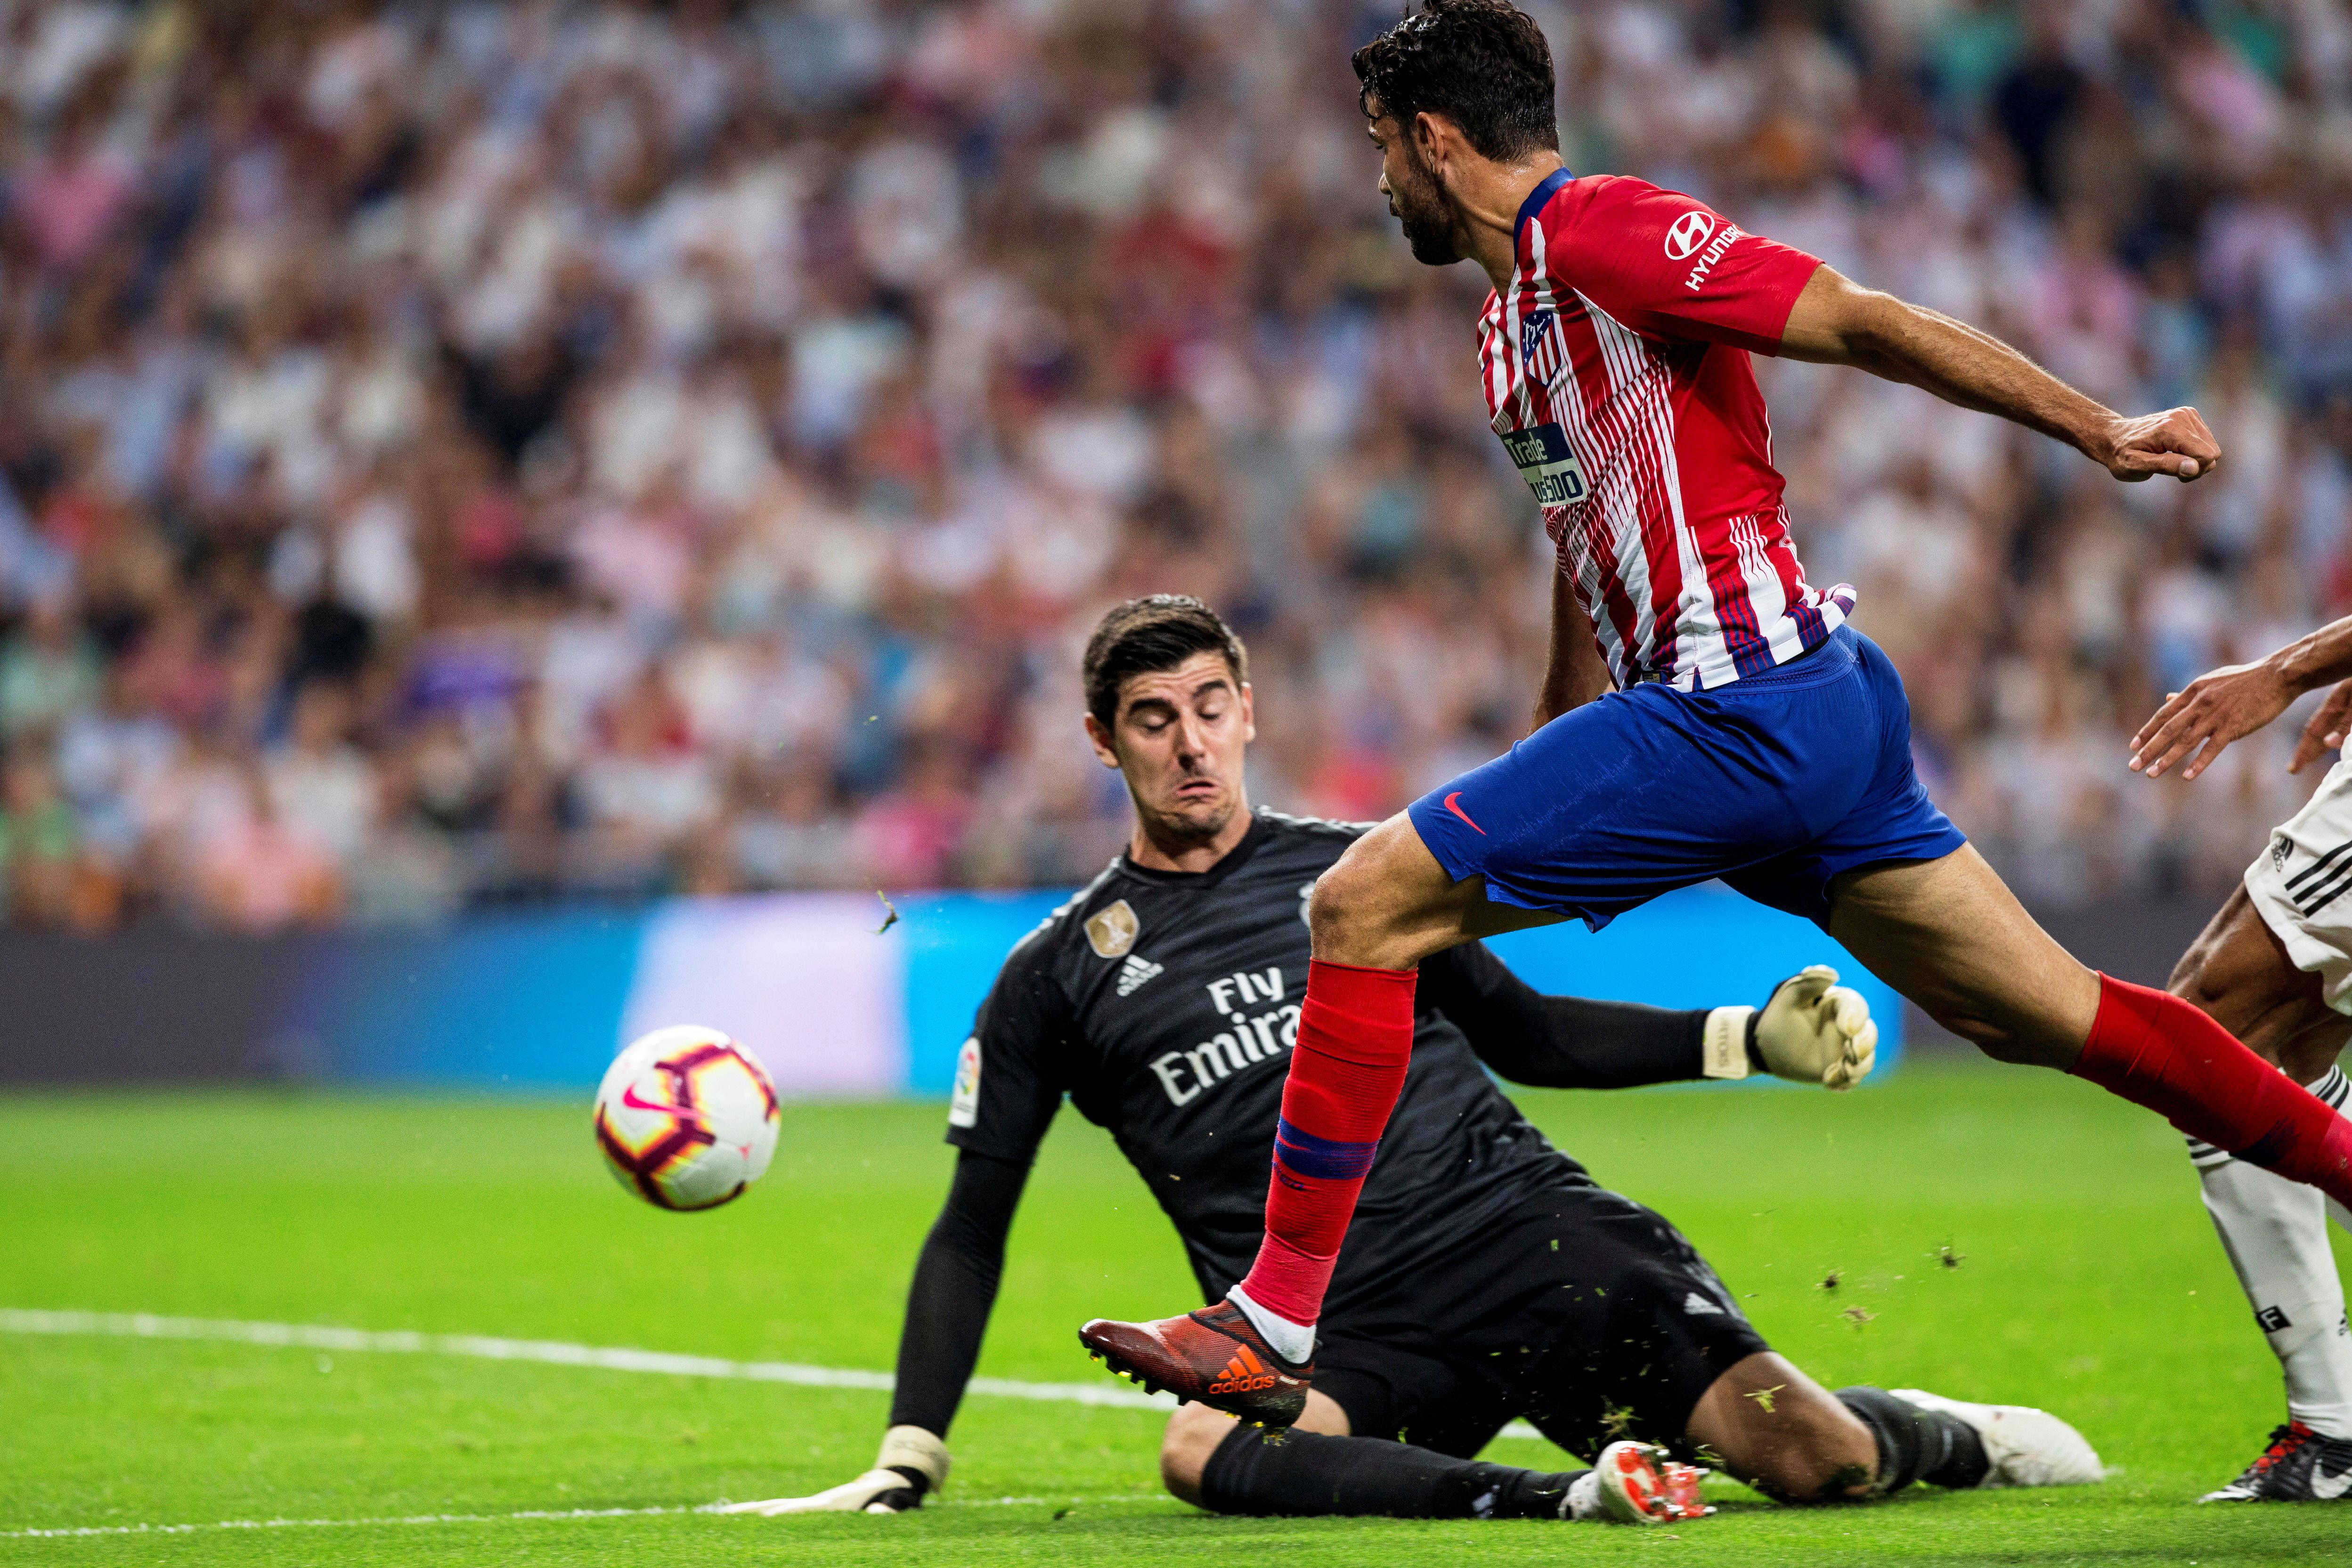 Courtois denied Costa